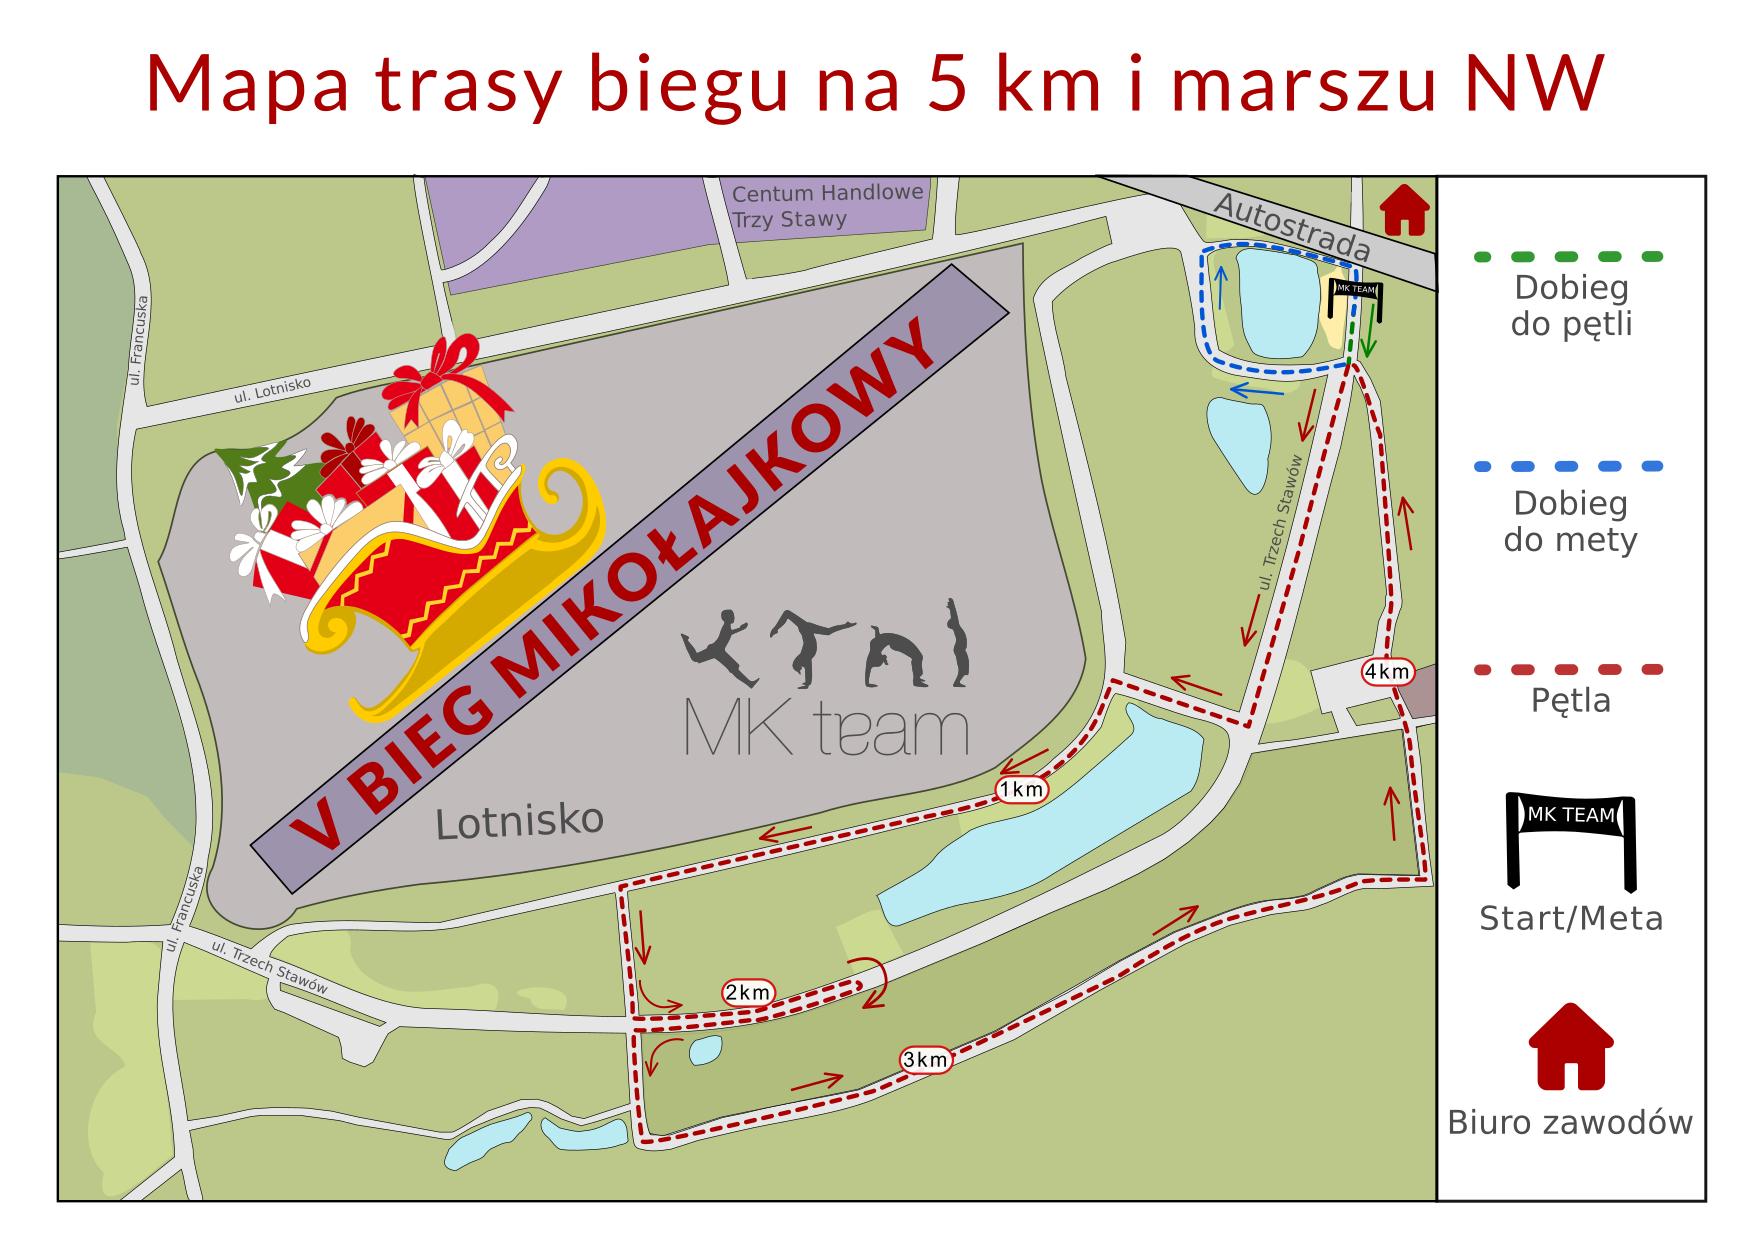 Mapa 5 km